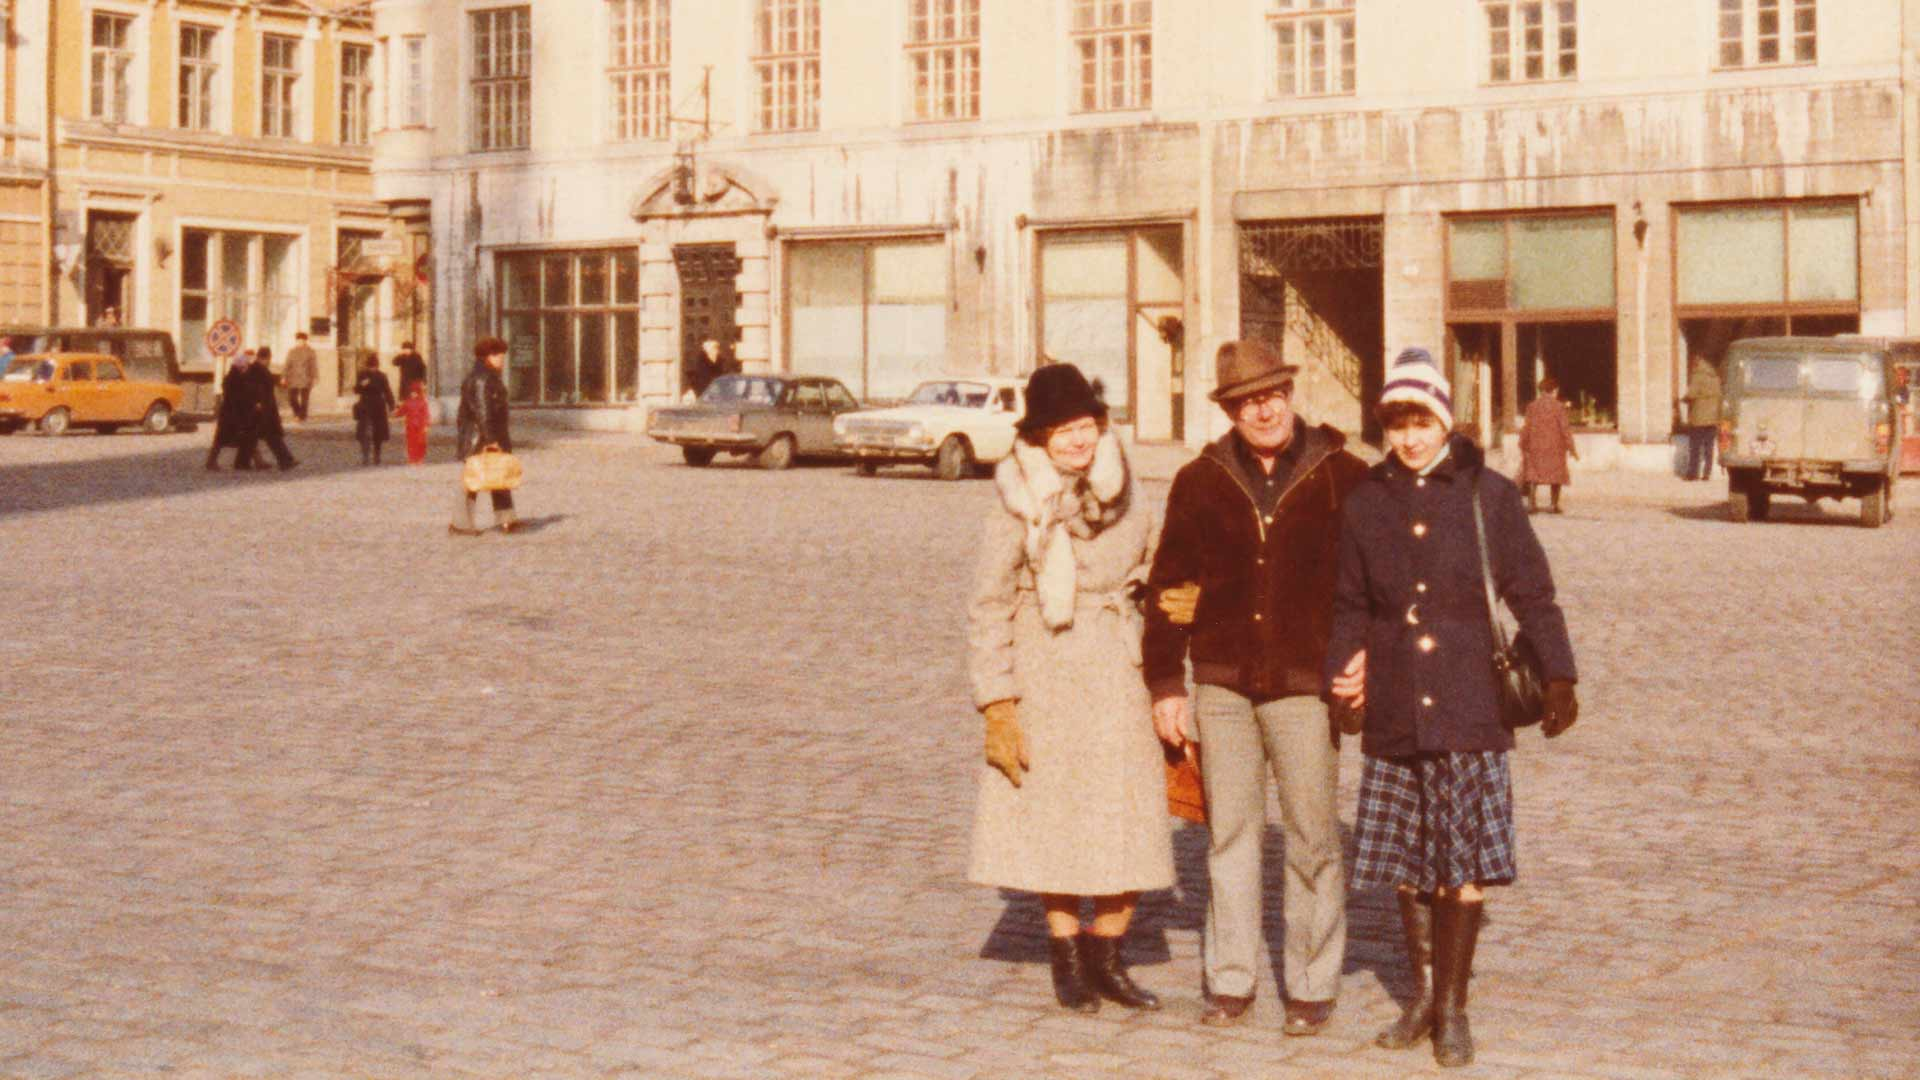 Taavi, Maija ja Heli Tallinnassa.